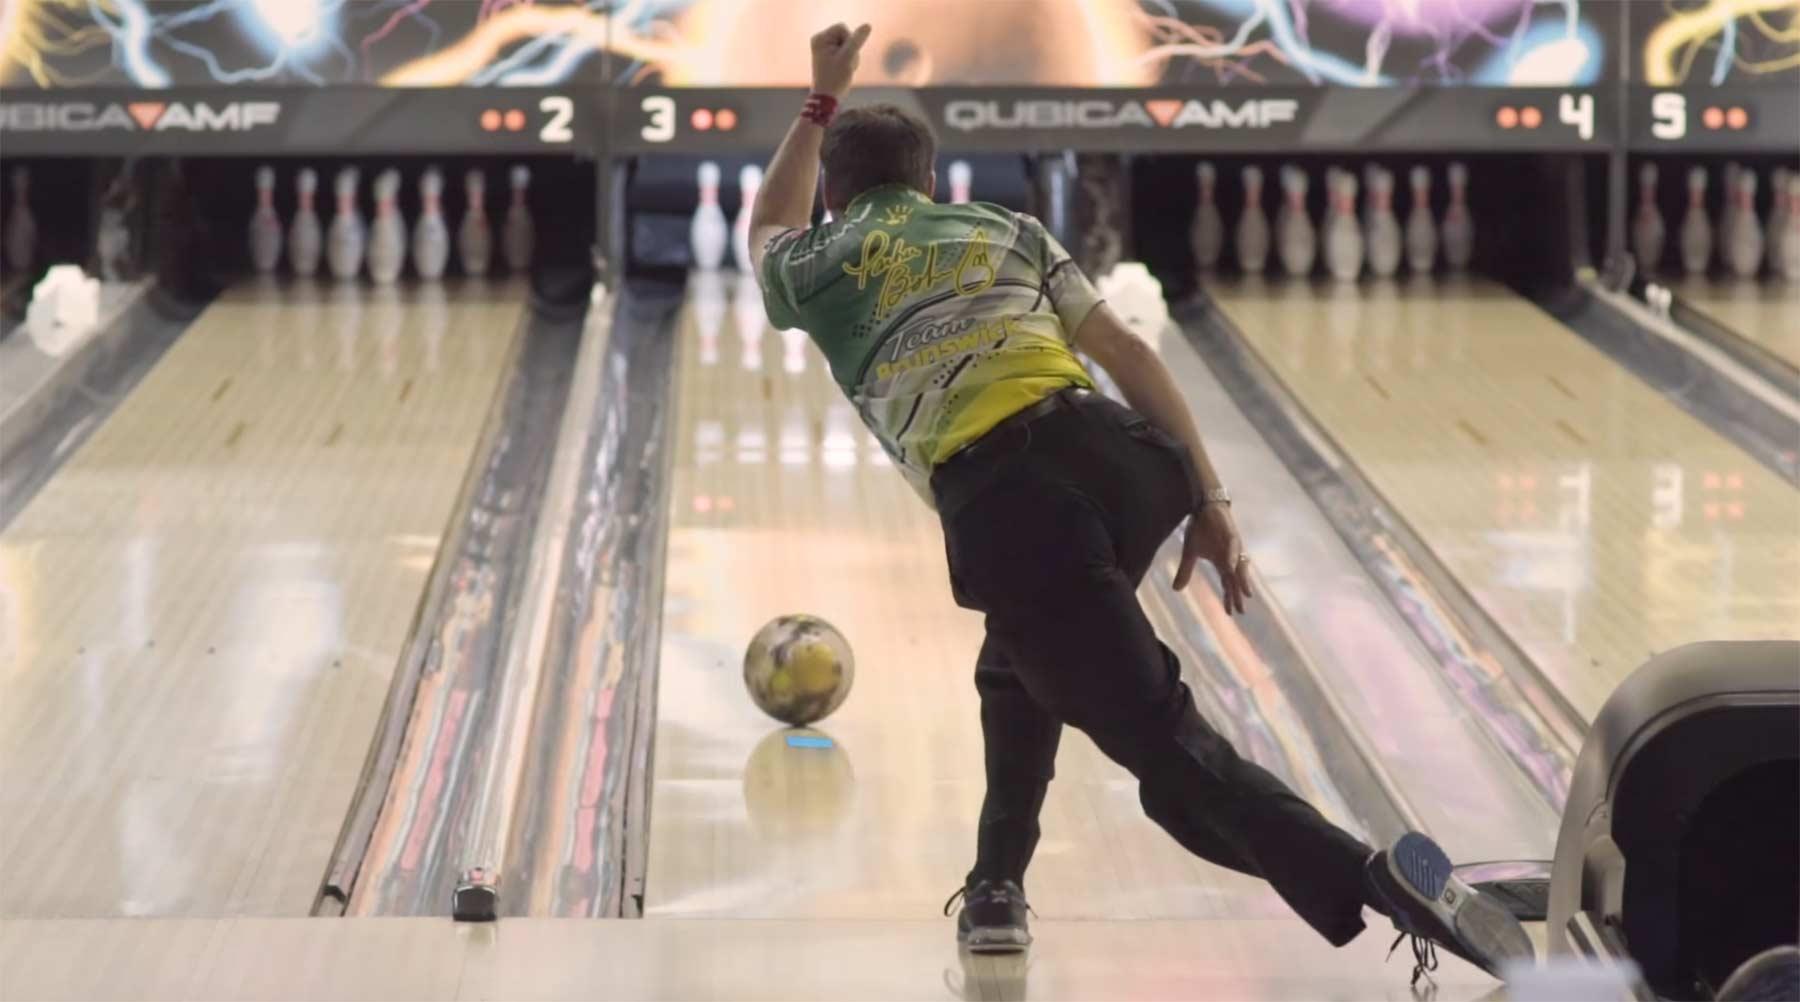 Erklärvideo: Der Aufbau einer Bowlingbahn